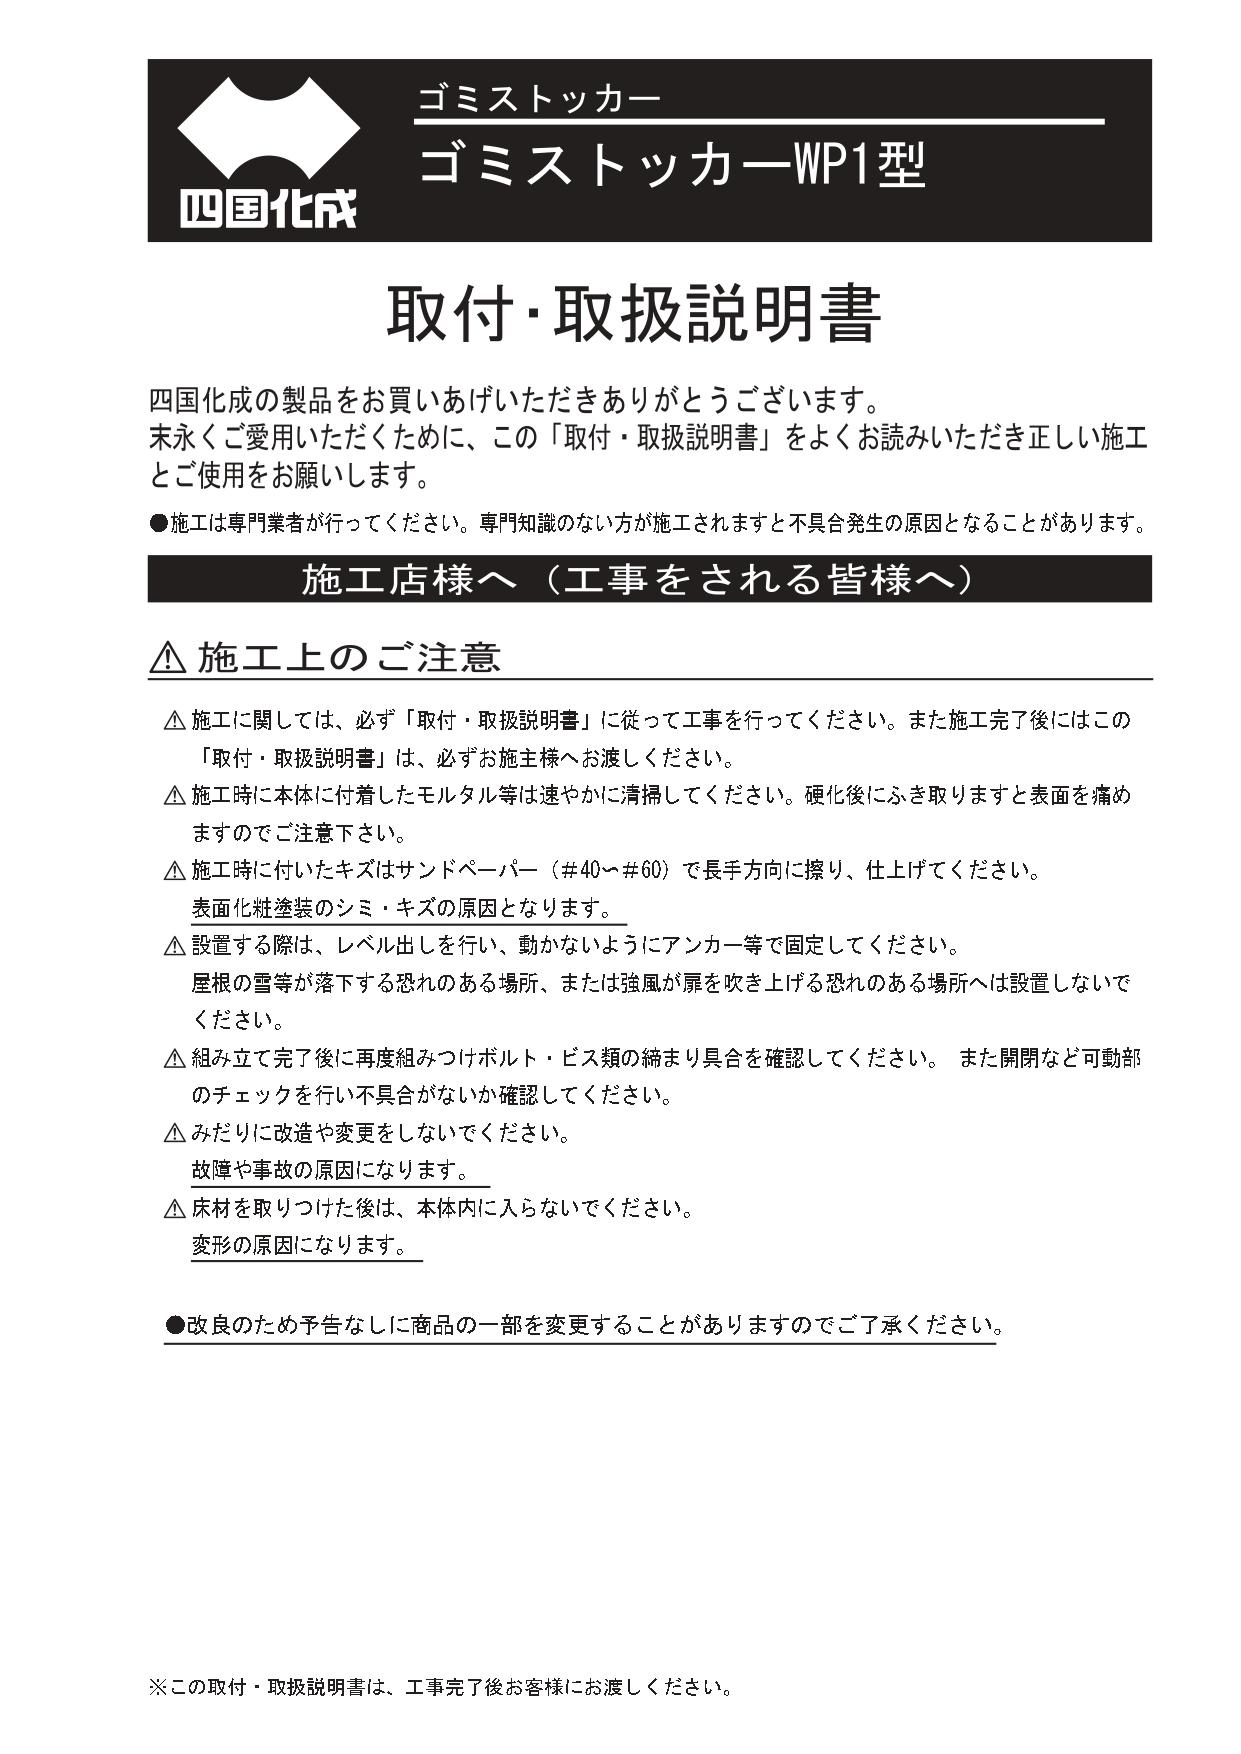 ゴミストッカーWP1型 施工説明書_page-0001